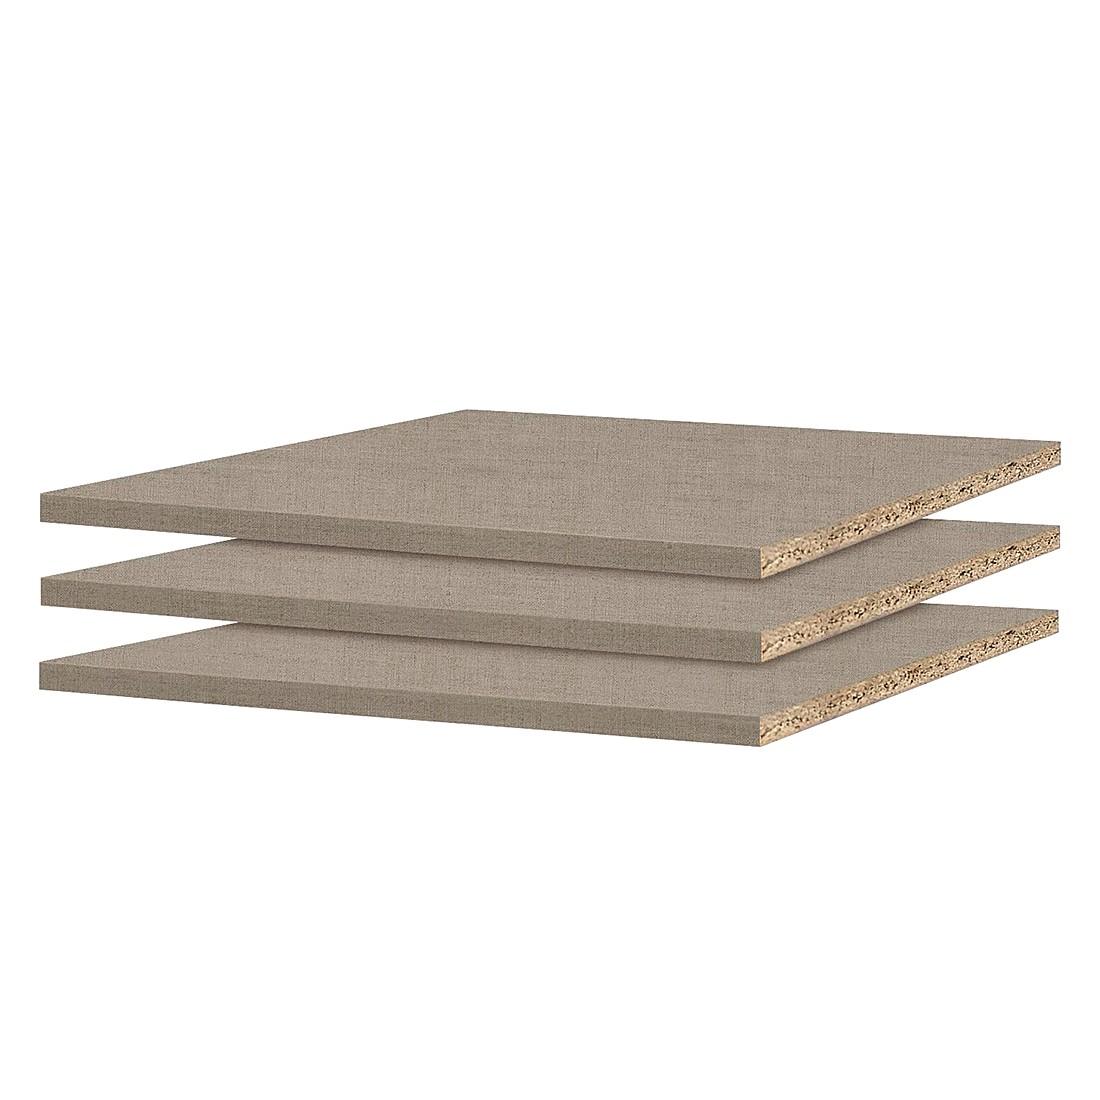 Inlegplanken Quadra (3 delige set) geschikt voor kastelementen met een breedte van 66cm en een diepte van 62cm, Rauch Packs